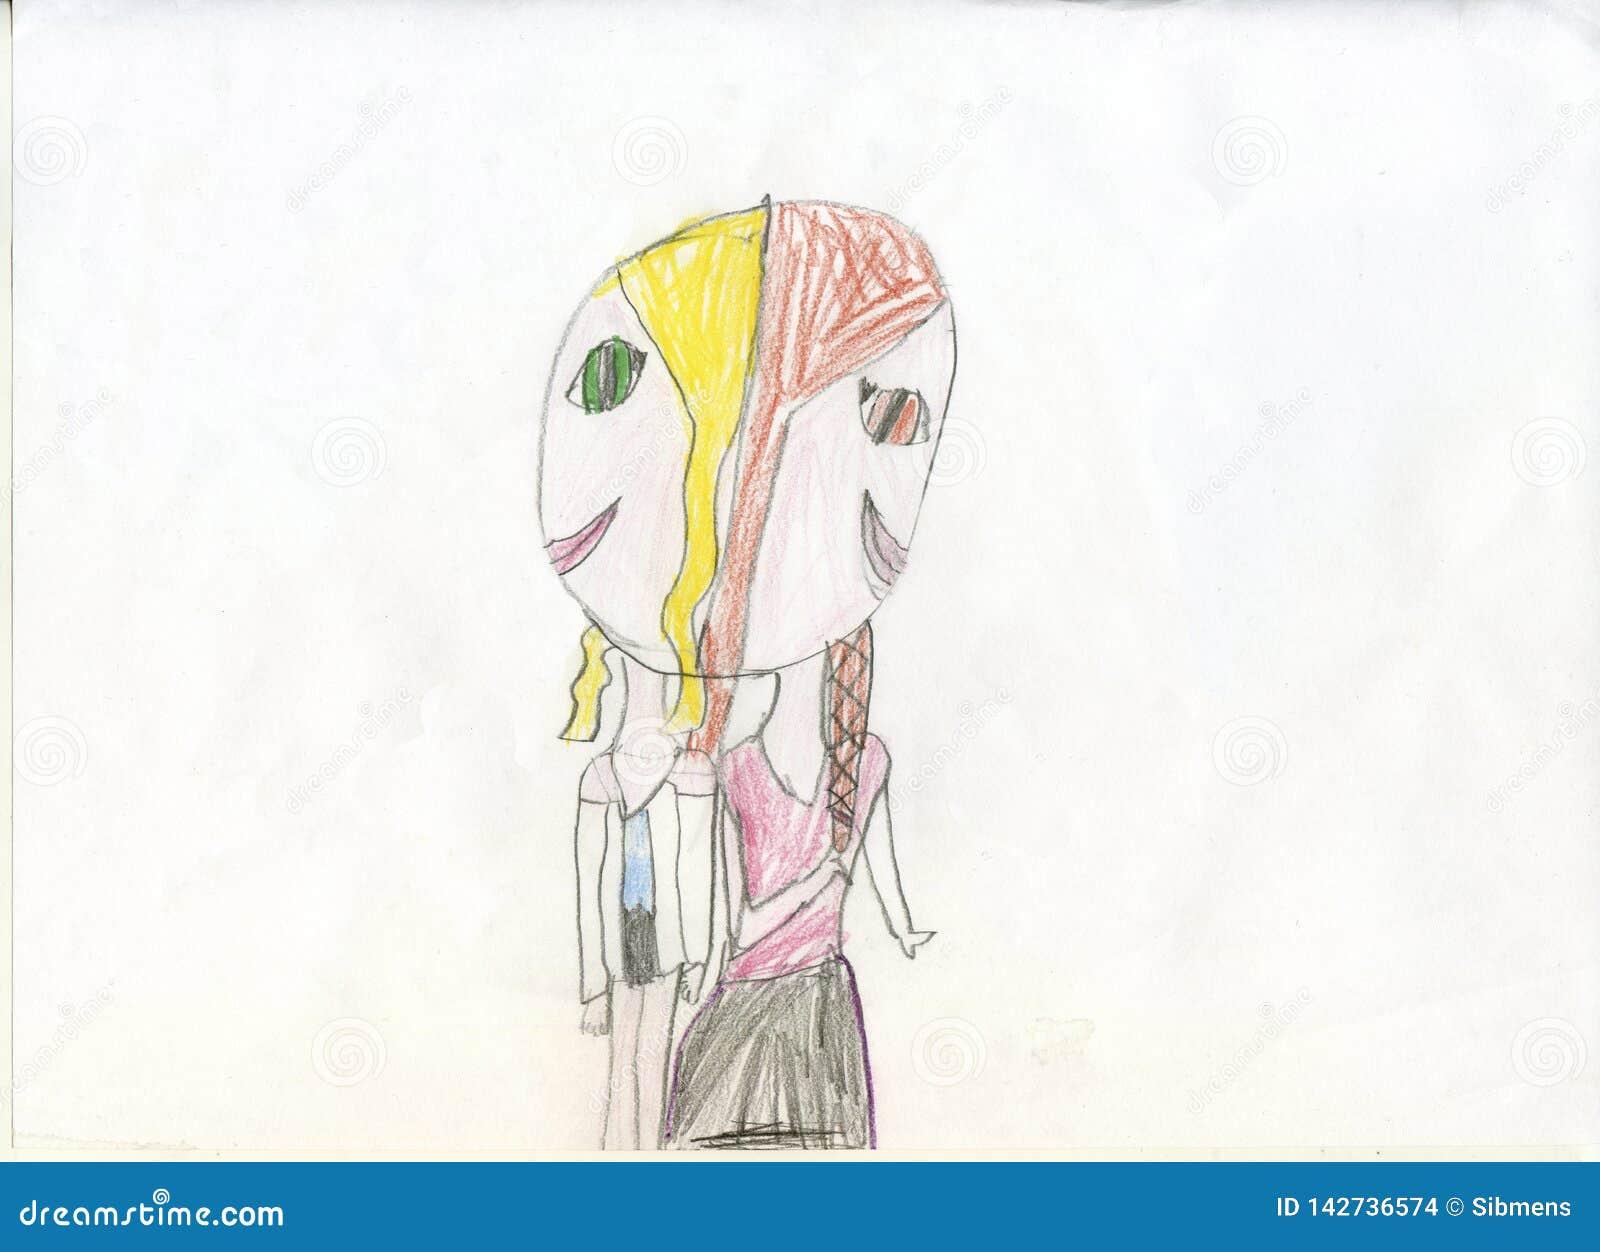 Illustrazione Di Matita Ragazze Gemelli Siamesi Disegni Del S